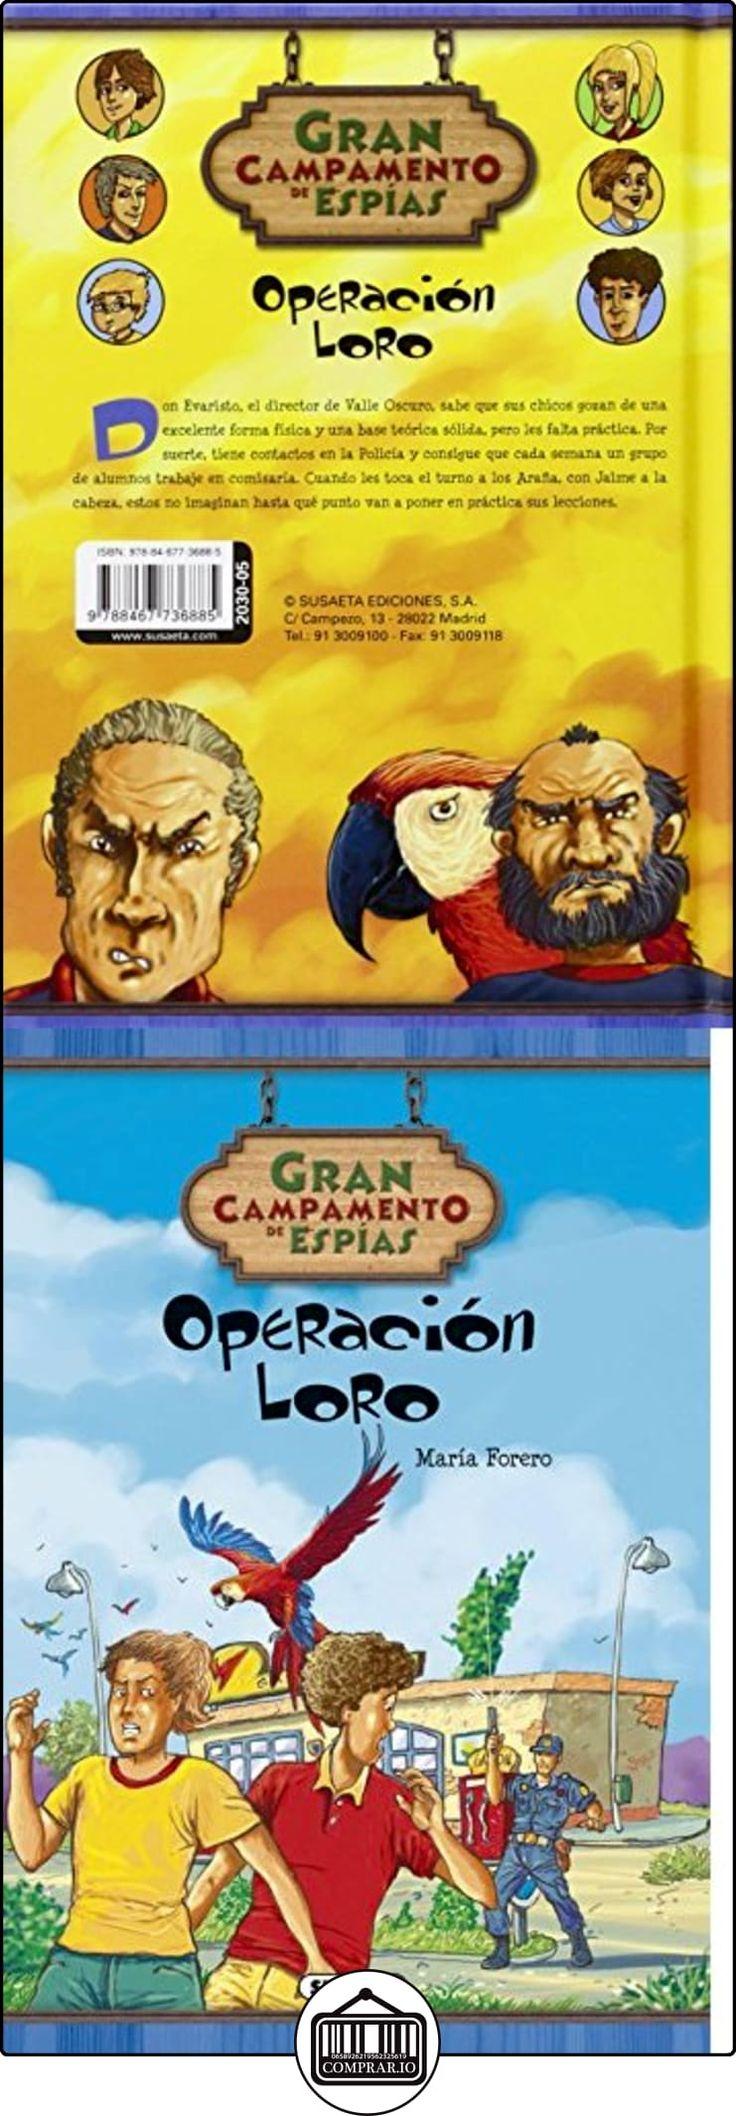 Operación Loro (Gran campamento de espías) María Forero Calderón ✿ Libros infantiles y juveniles - (De 6 a 9 años) ✿ ▬► Ver oferta: http://comprar.io/goto/8467736887